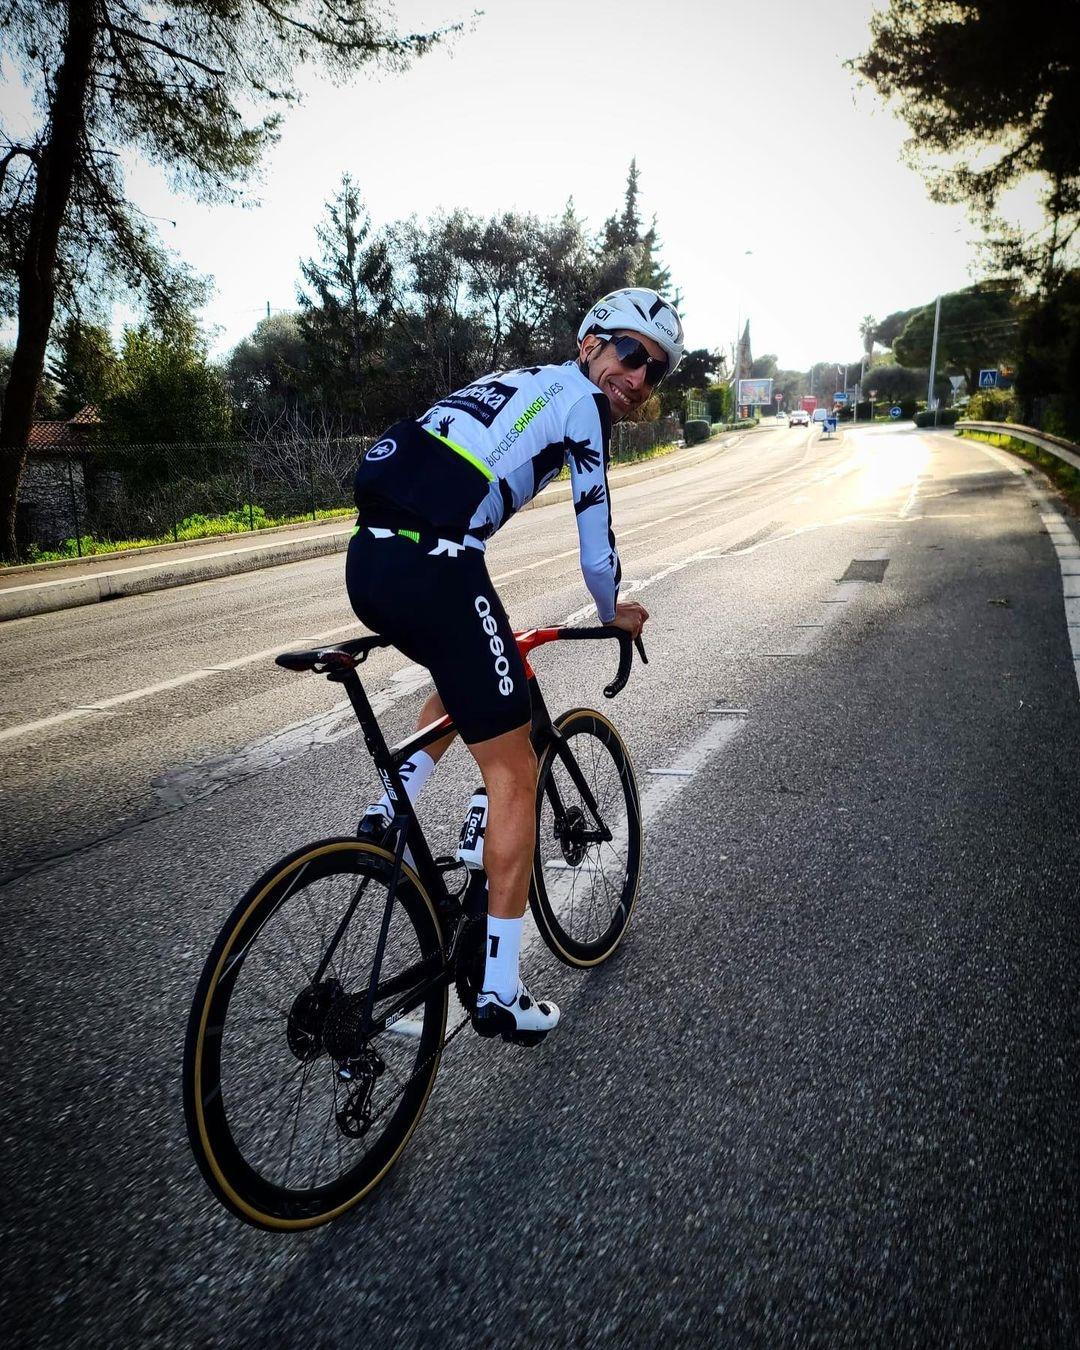 Fabio Aru v dresu týmu Quhebeka. Radost z cyklistiky se vrátila, i tak končí. Foto: instagram Fabio Aru